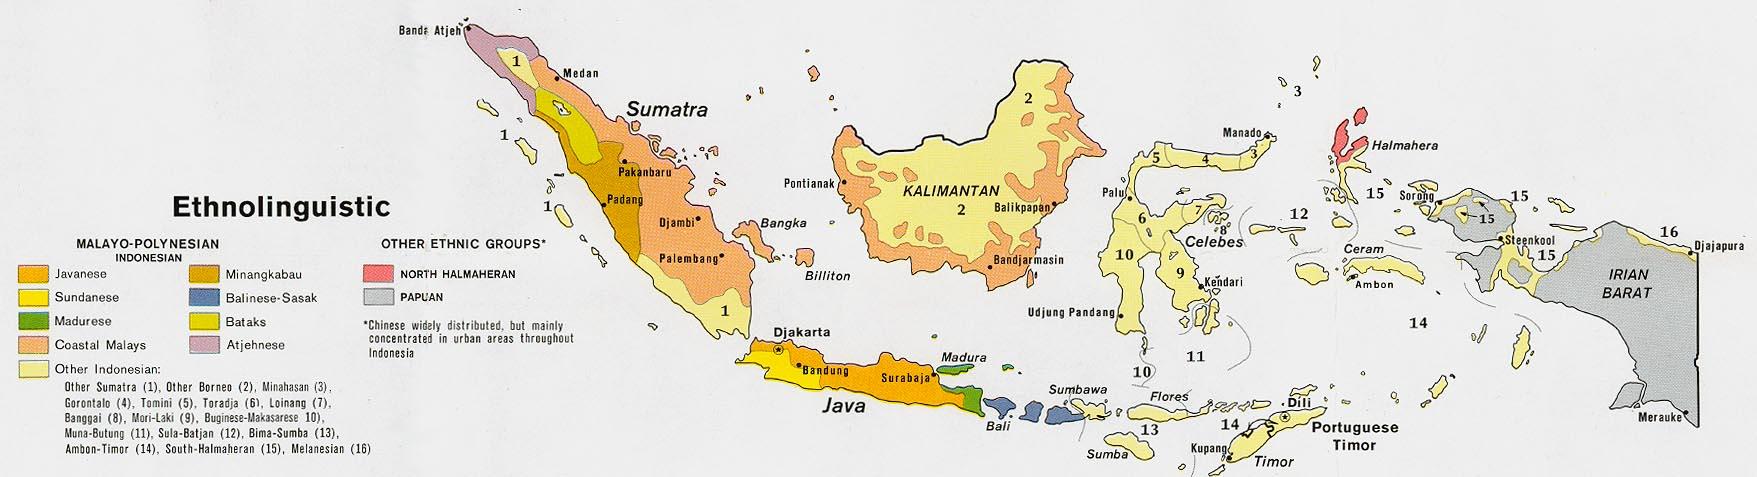 Mapa Etnolingüístico de Indonesia